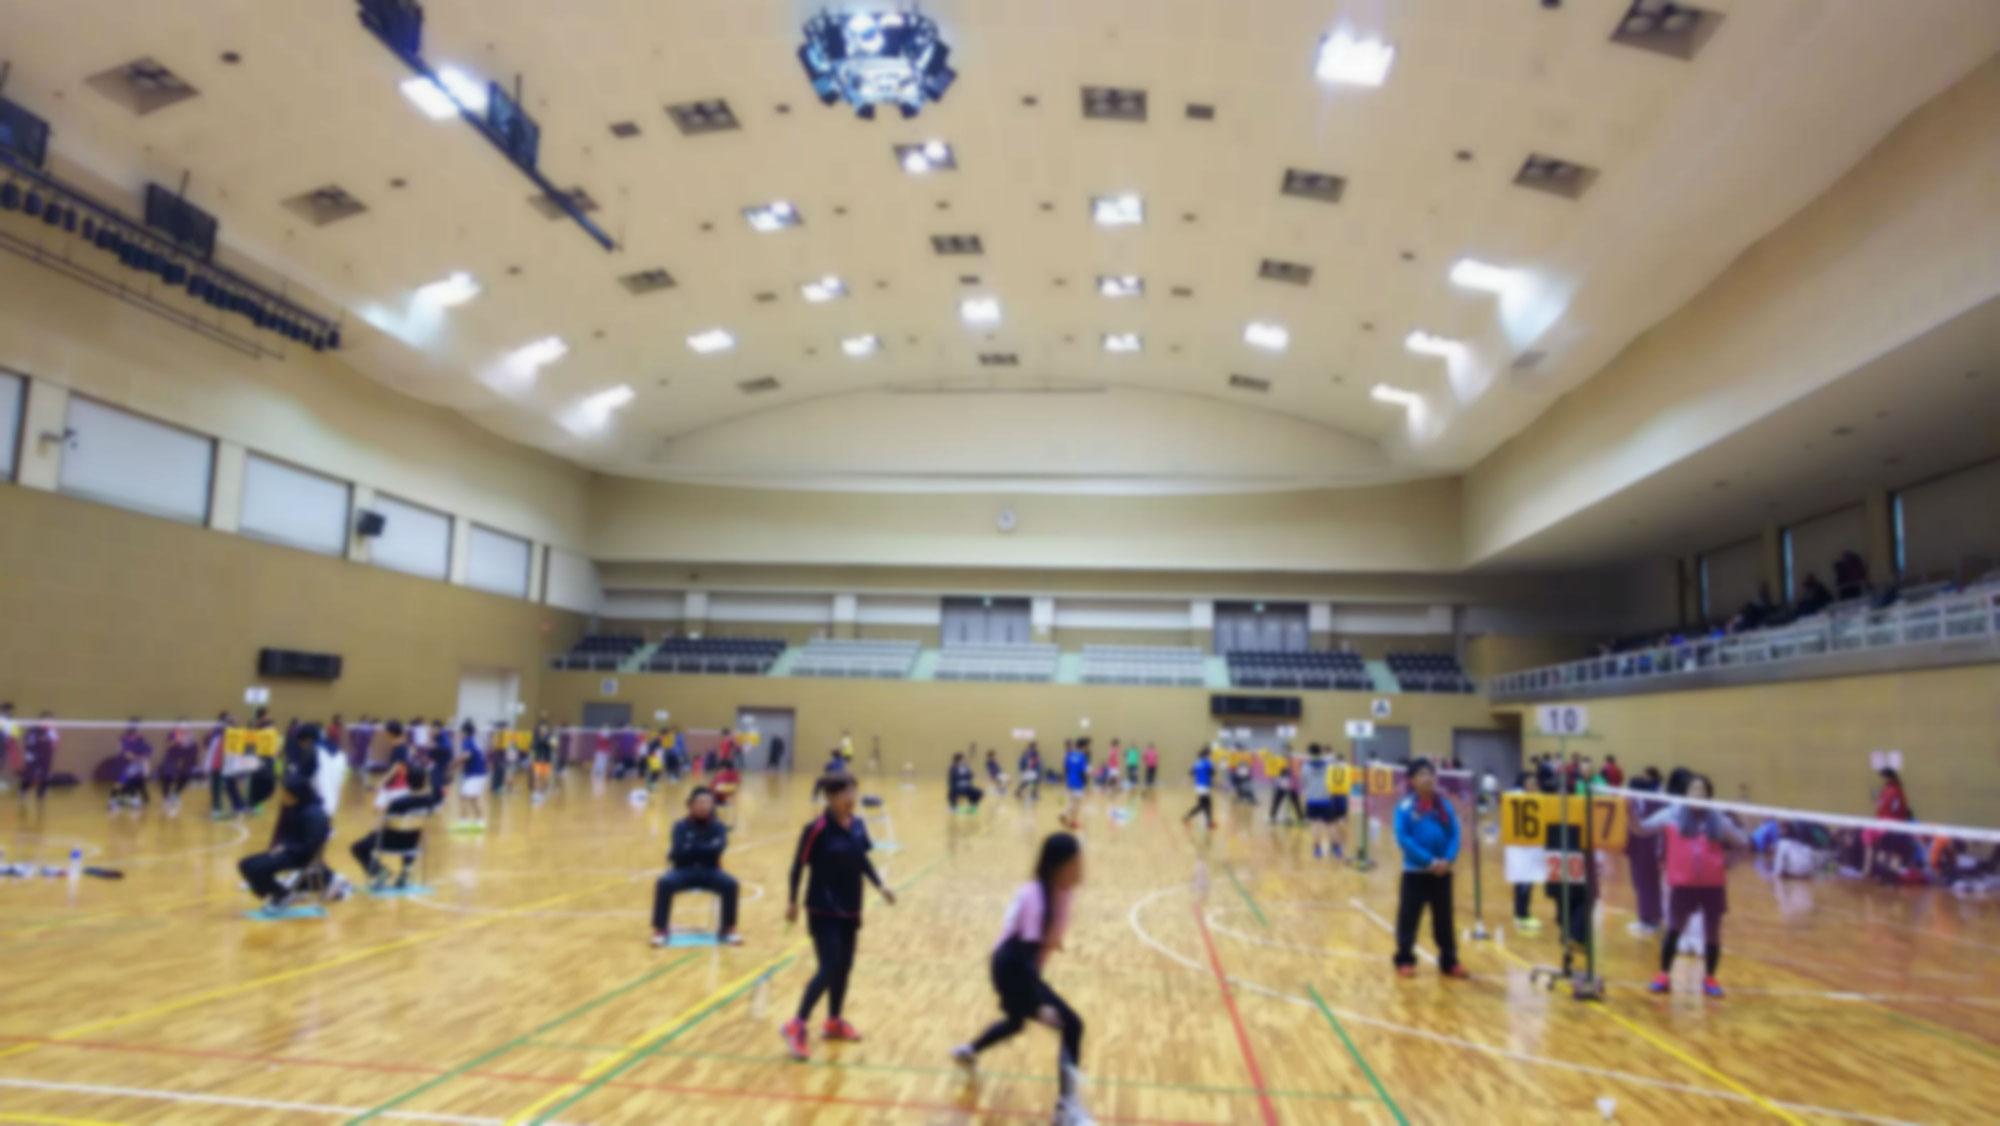 仙台市内で開催される大会の案内や告知・協会からのお知らせなどを発信しています